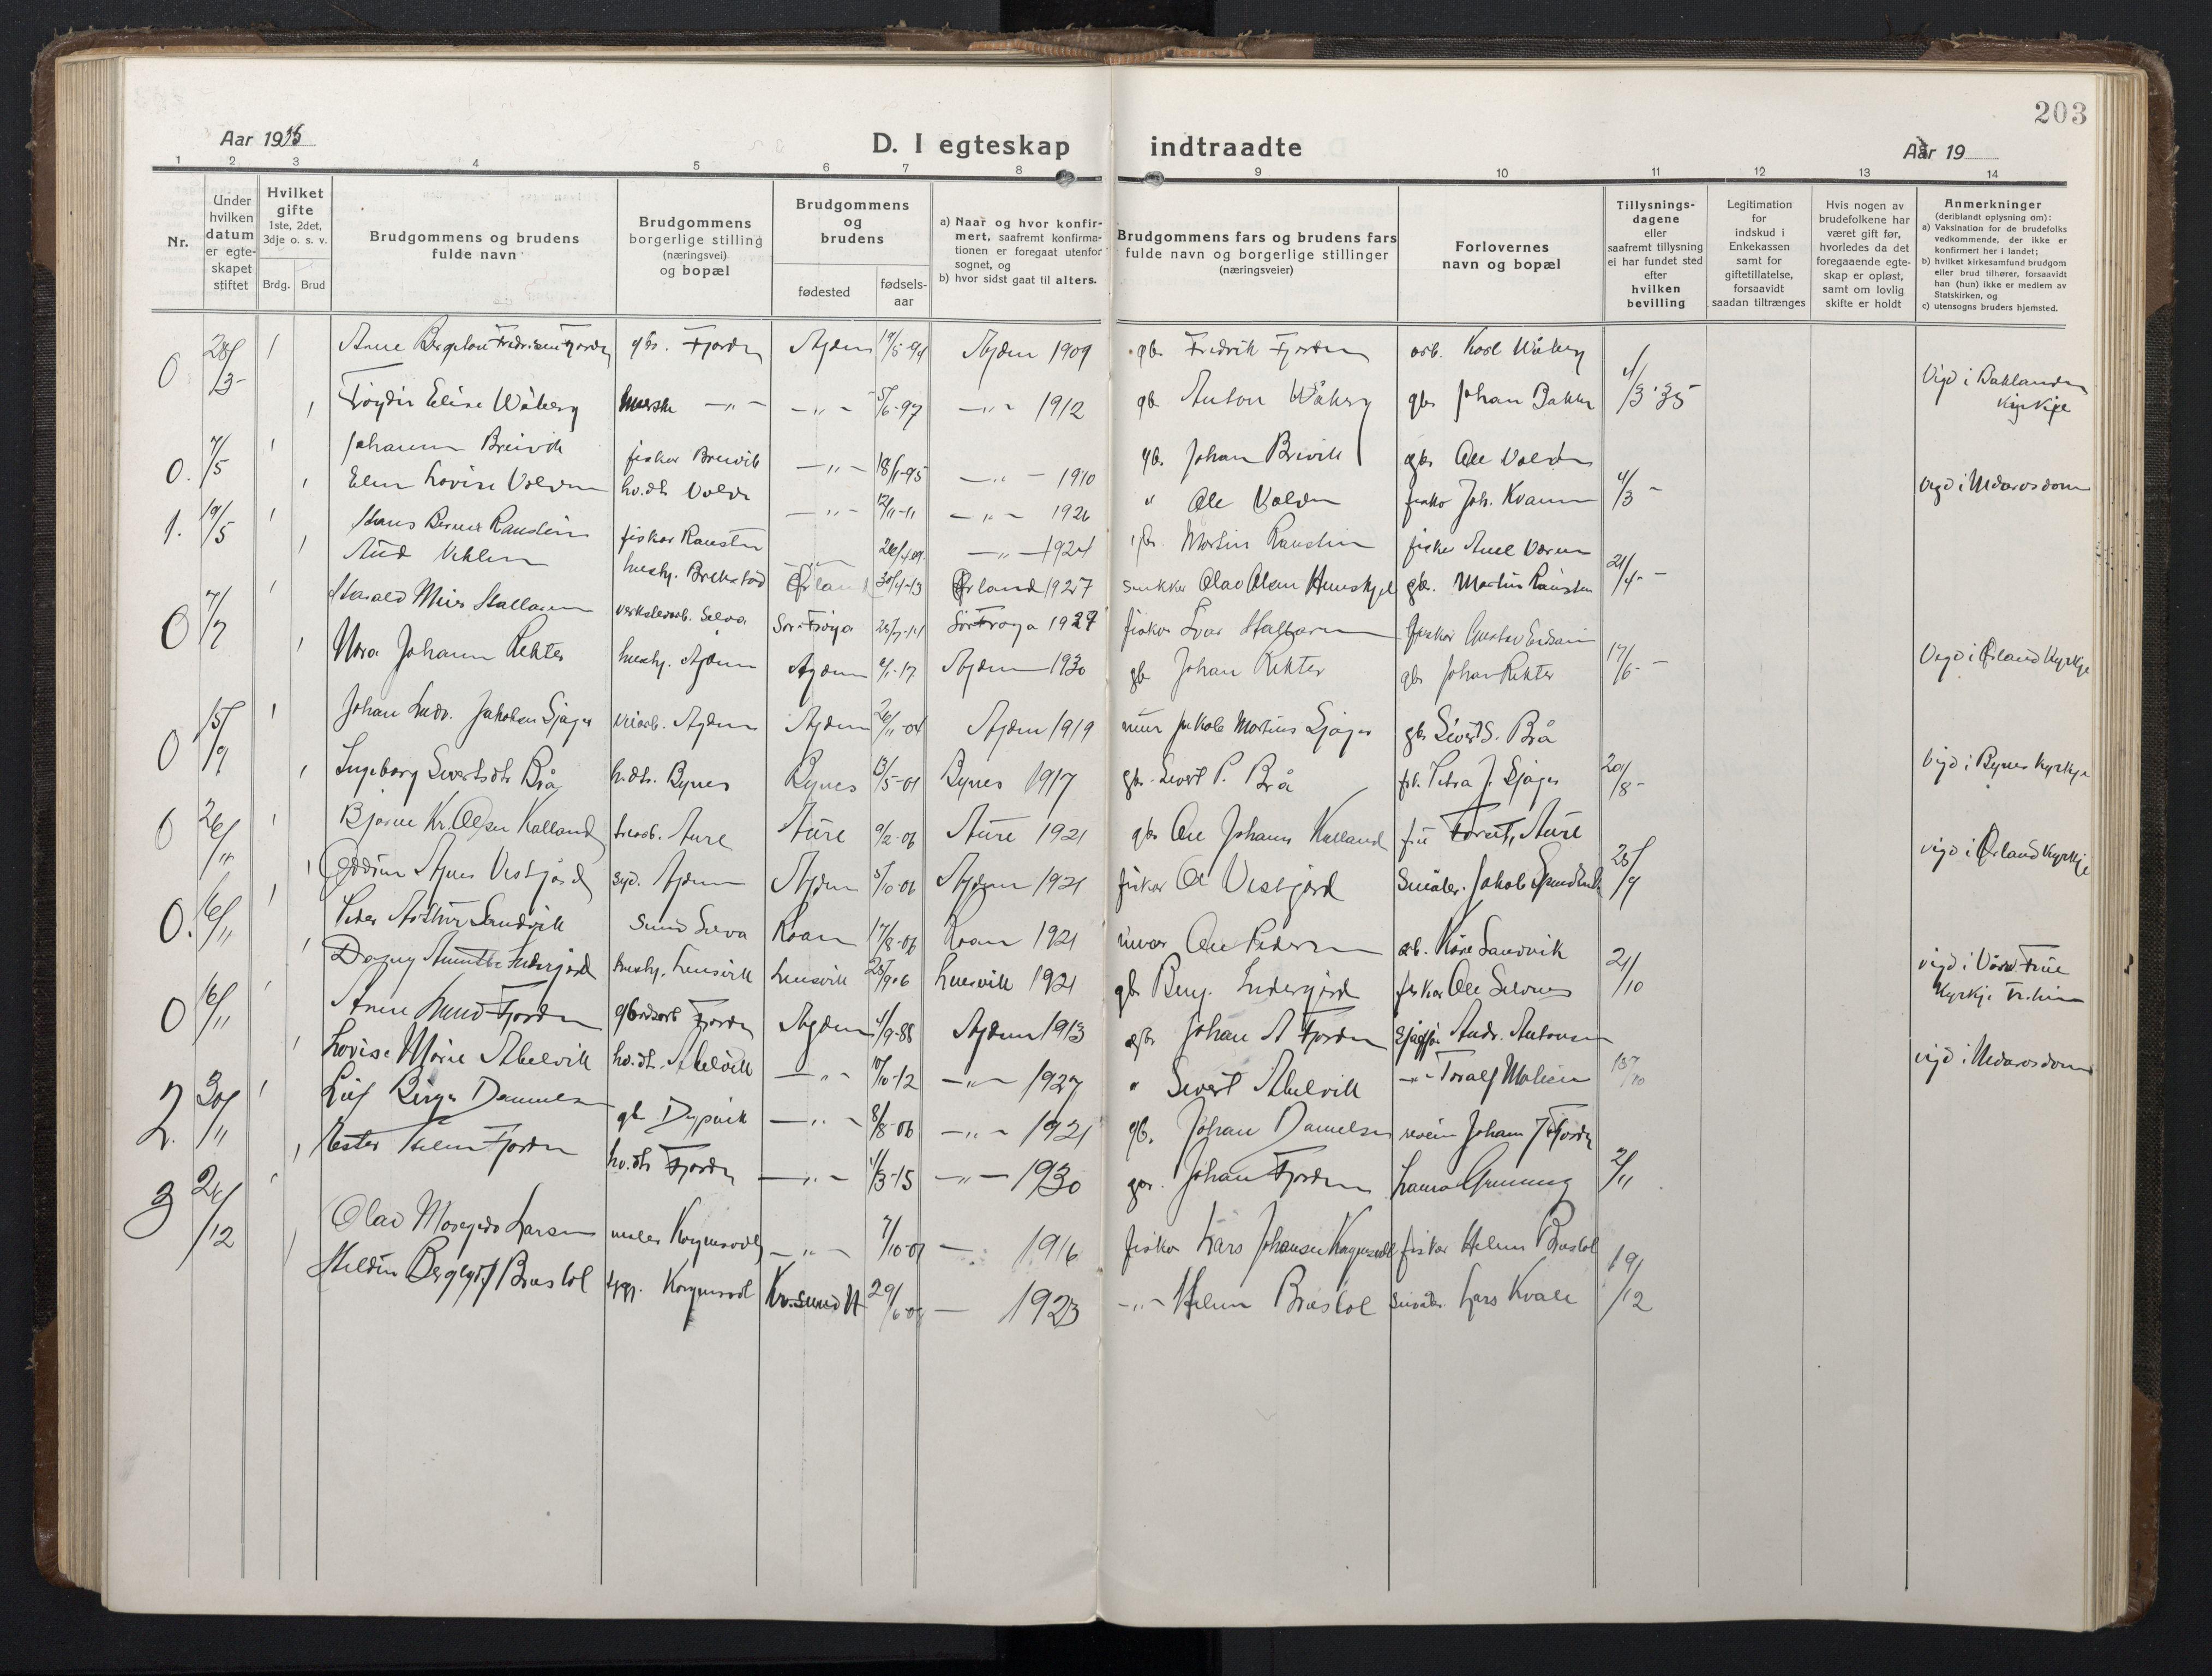 SAT, Ministerialprotokoller, klokkerbøker og fødselsregistre - Sør-Trøndelag, 662/L0758: Klokkerbok nr. 662C03, 1918-1948, s. 203